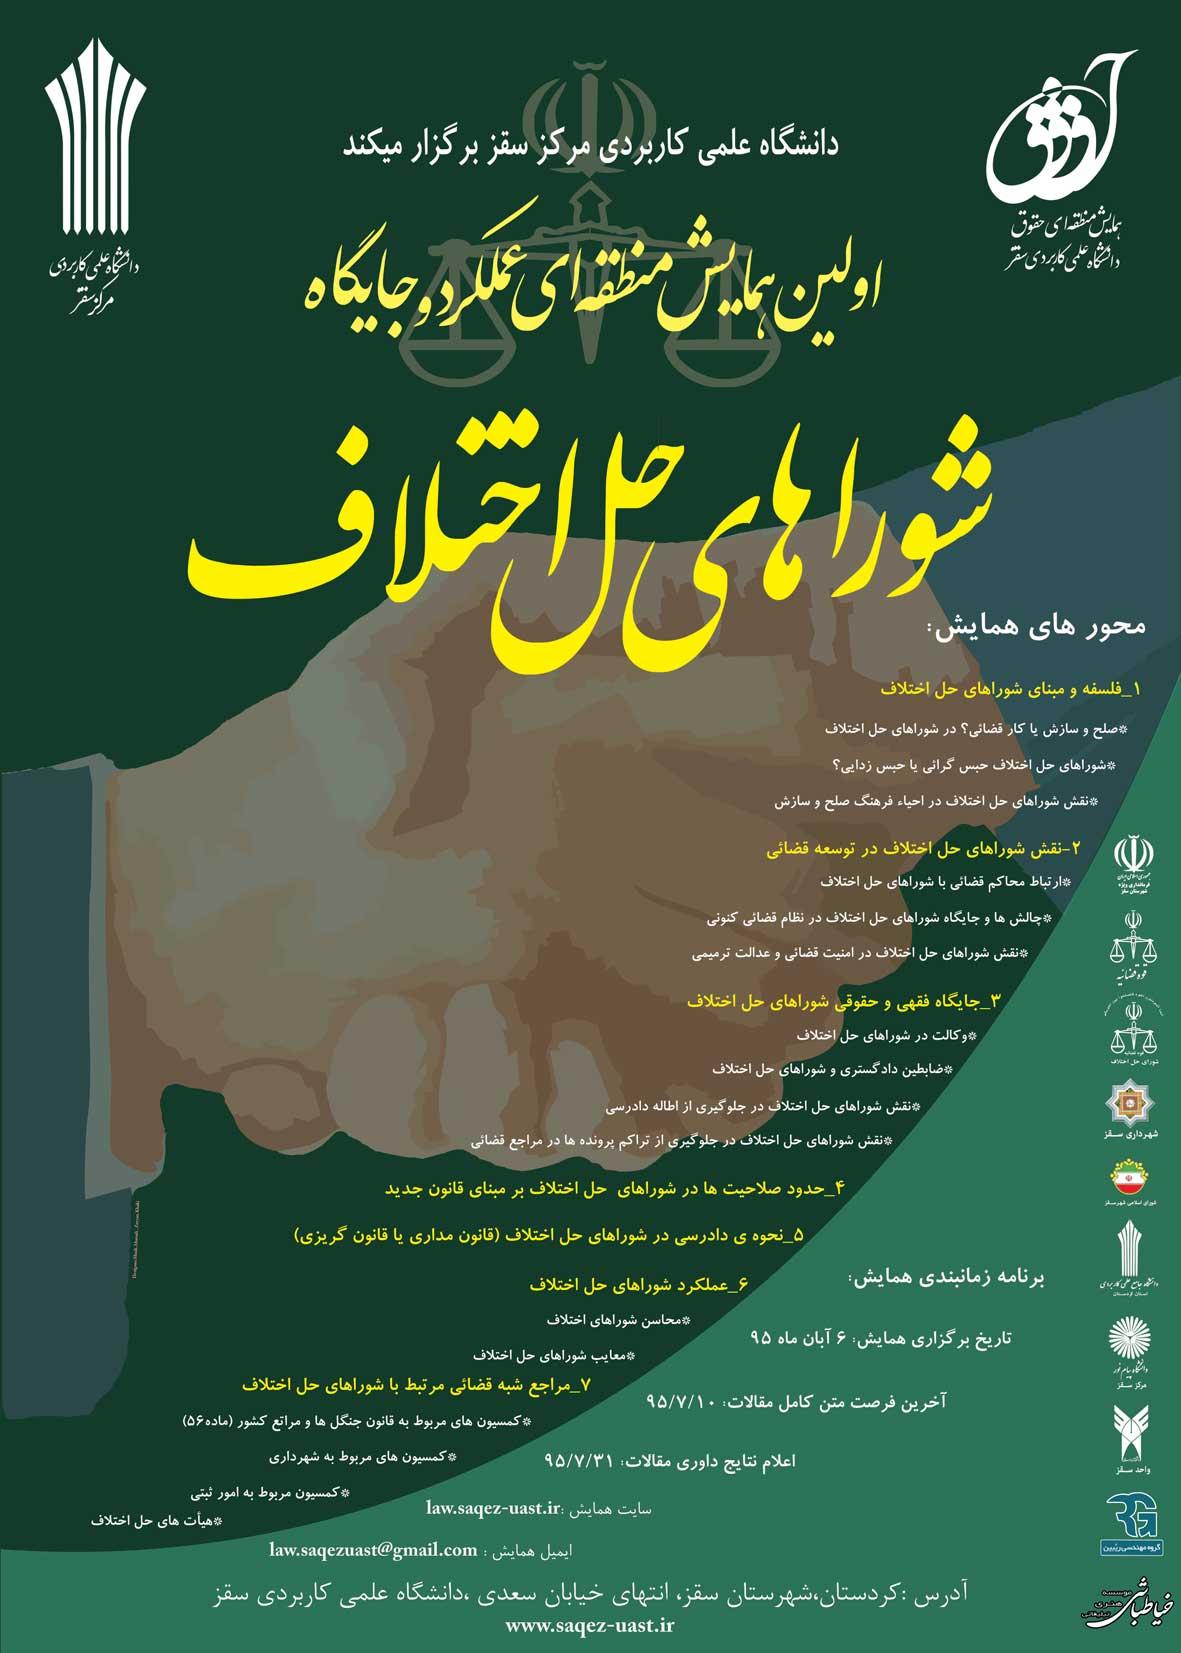 محاسن و معایب نهاد شورای حل اختلاف